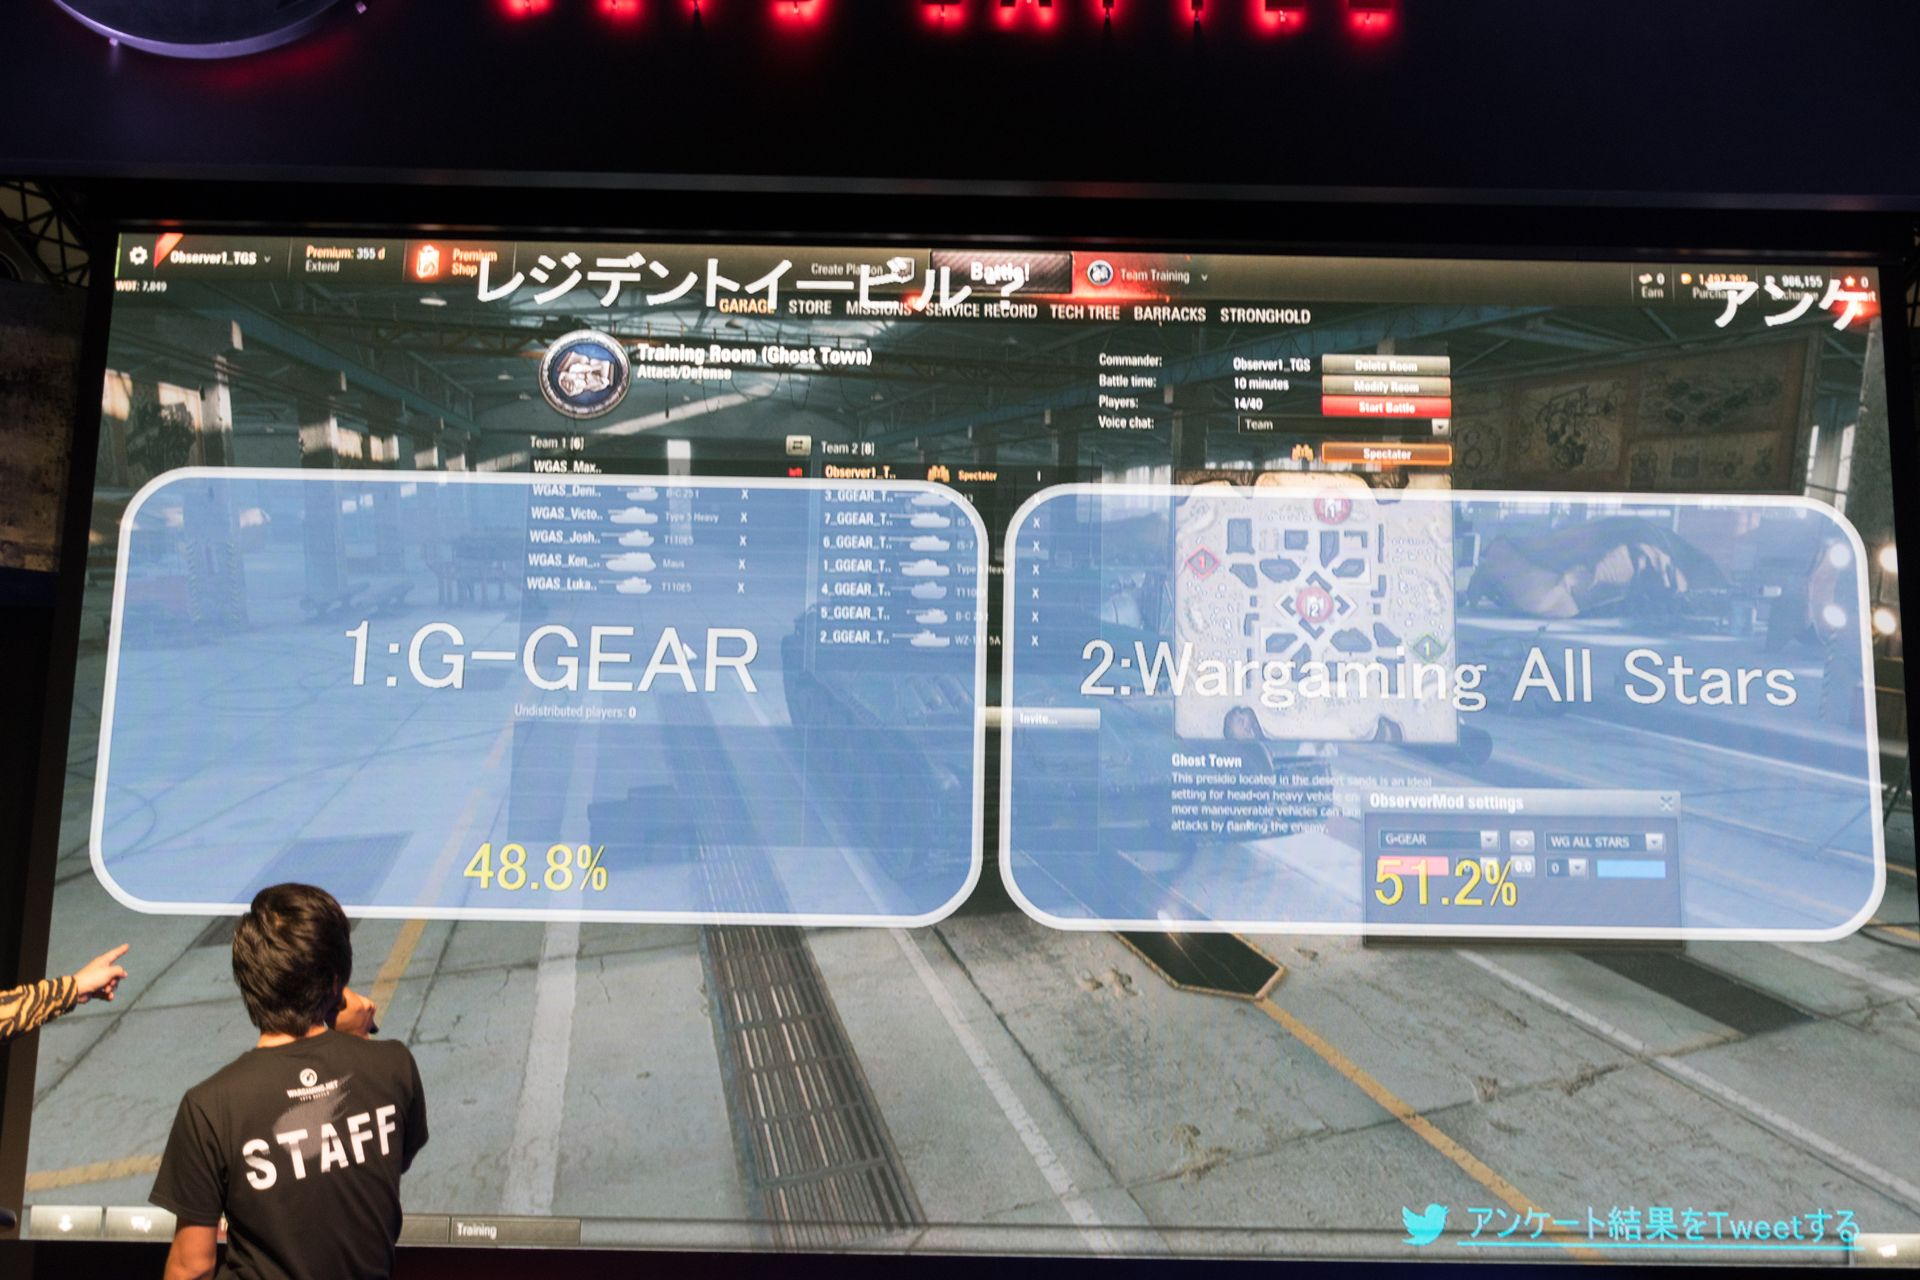 試合前のアンケートではWargaming All-StarsとG-Gearは互角という結果に